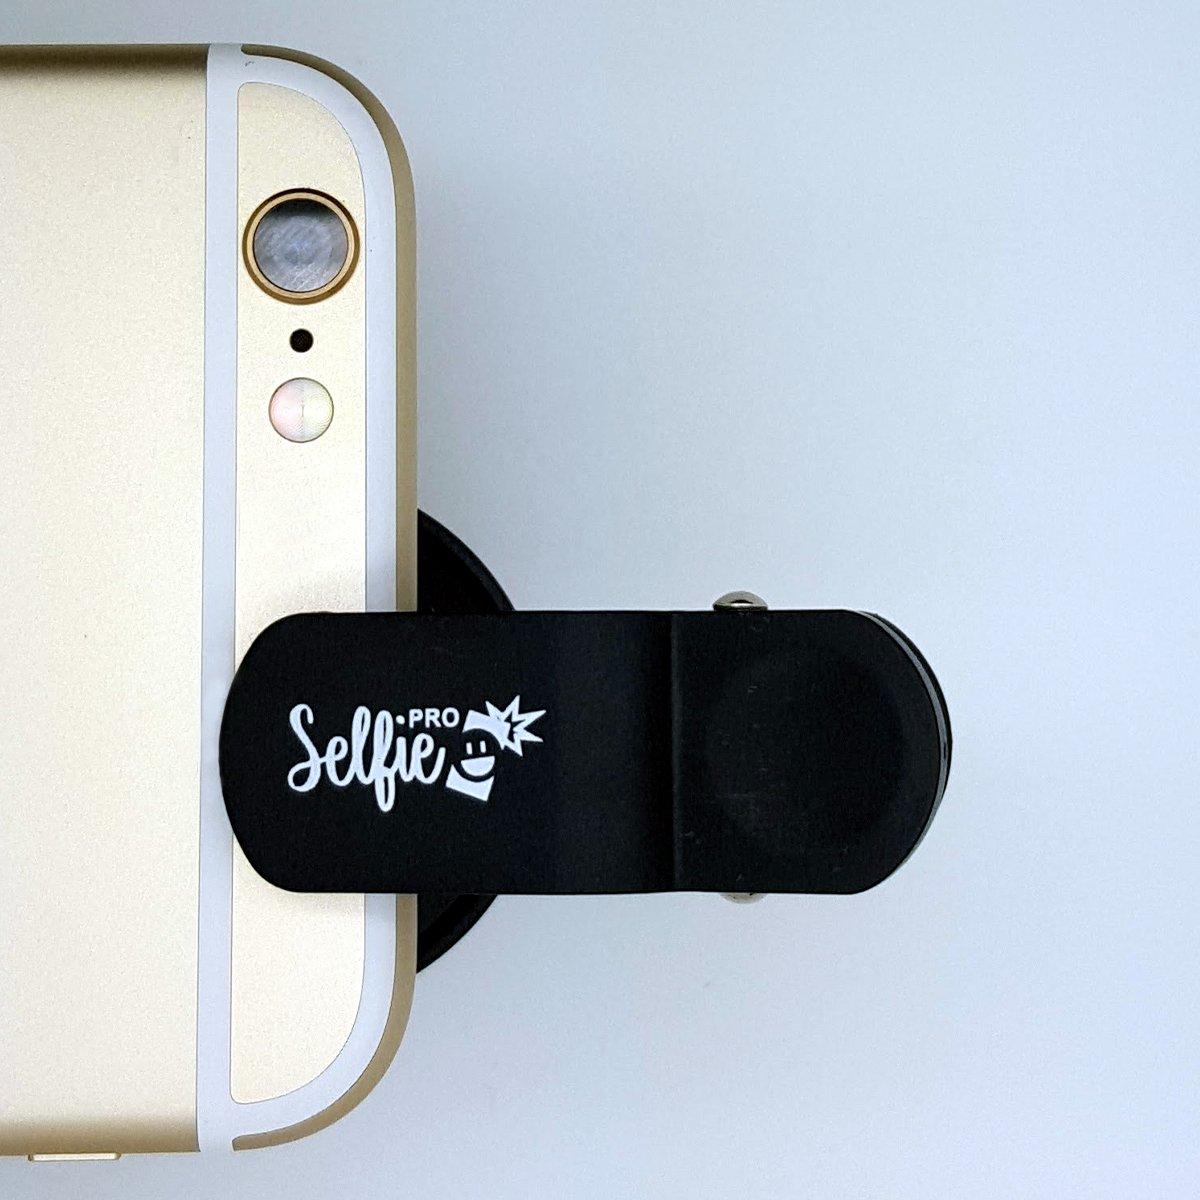 selfiePRO Wide Lens Show More Selfie Pro by Pro Selfie